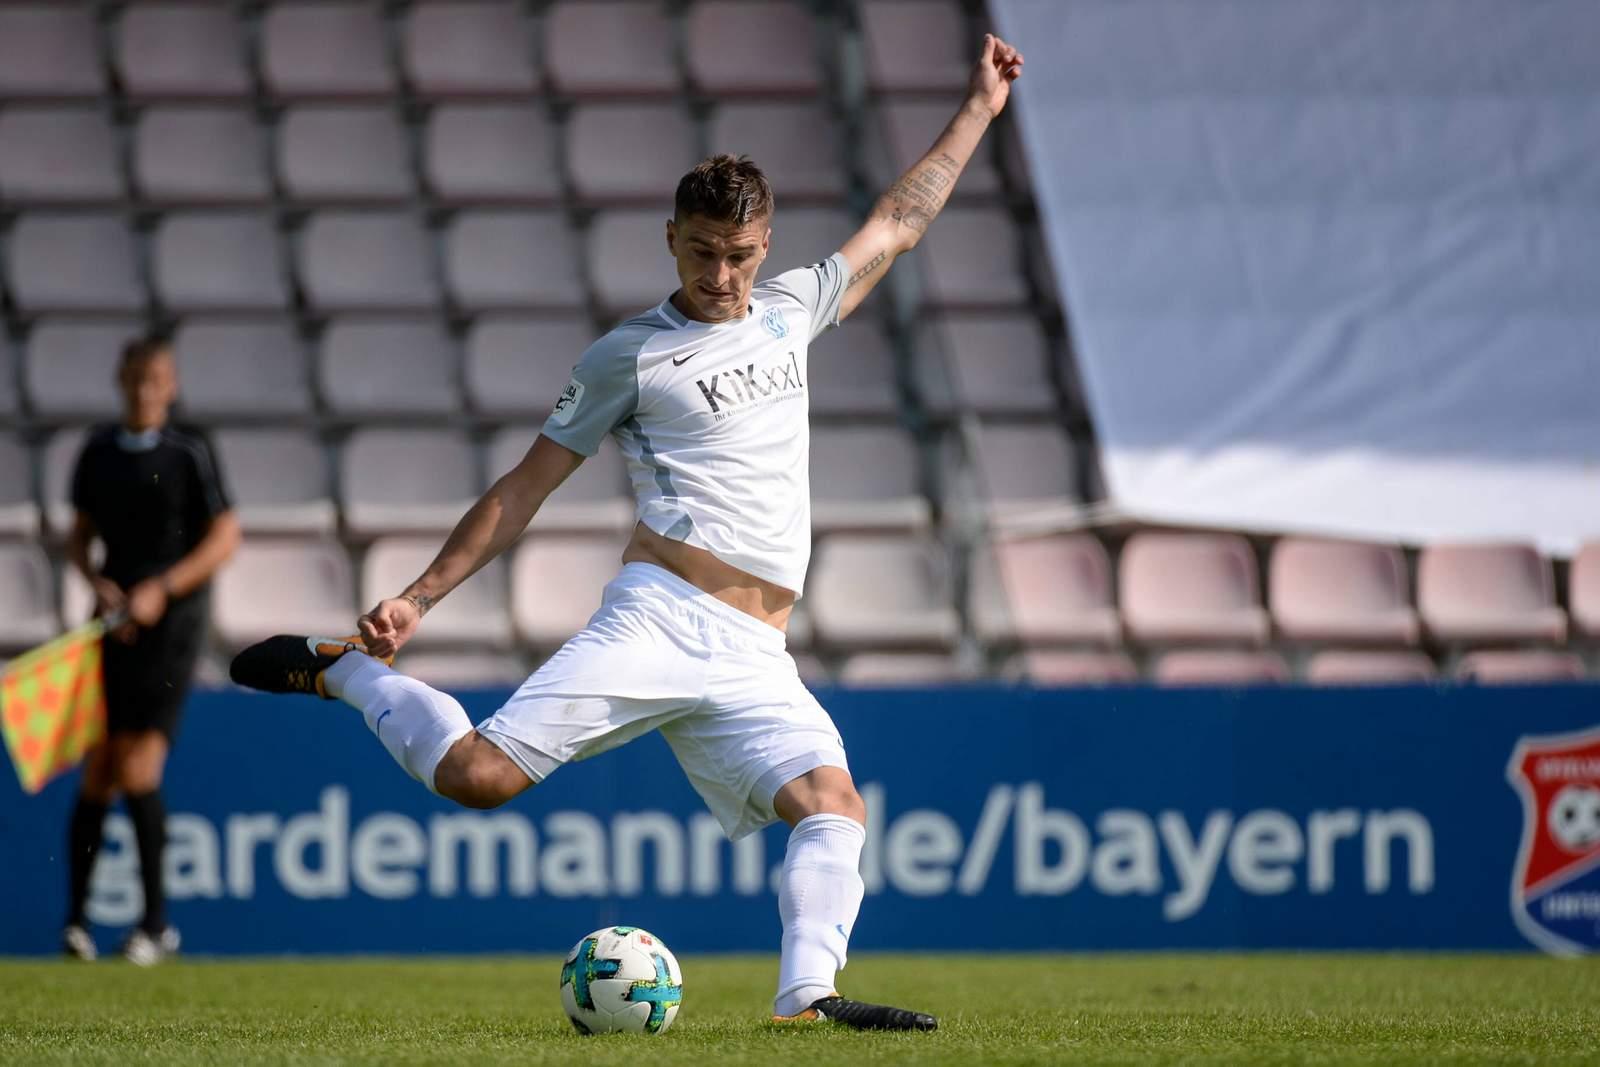 Jovan Vidovic beim Schuss für den SV Meppen. Jetzt auf die Partie Meppen gegen KSC wetten